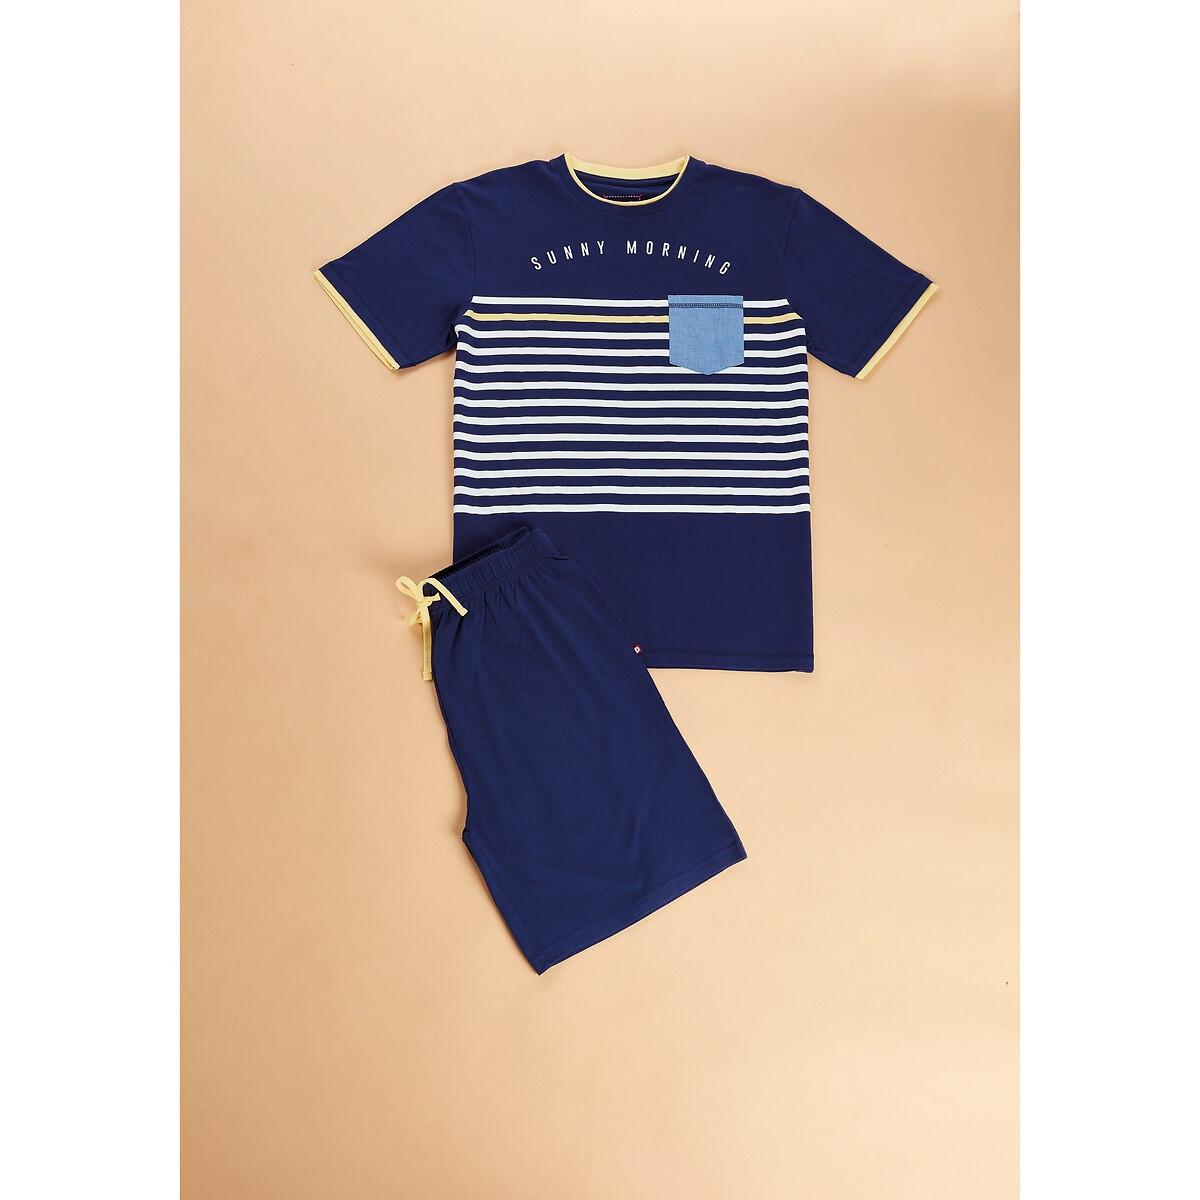 Фото - Пижама LaRedoute С шортами в полоску XXL синий пижама laredoute с шортами в полоску m синий